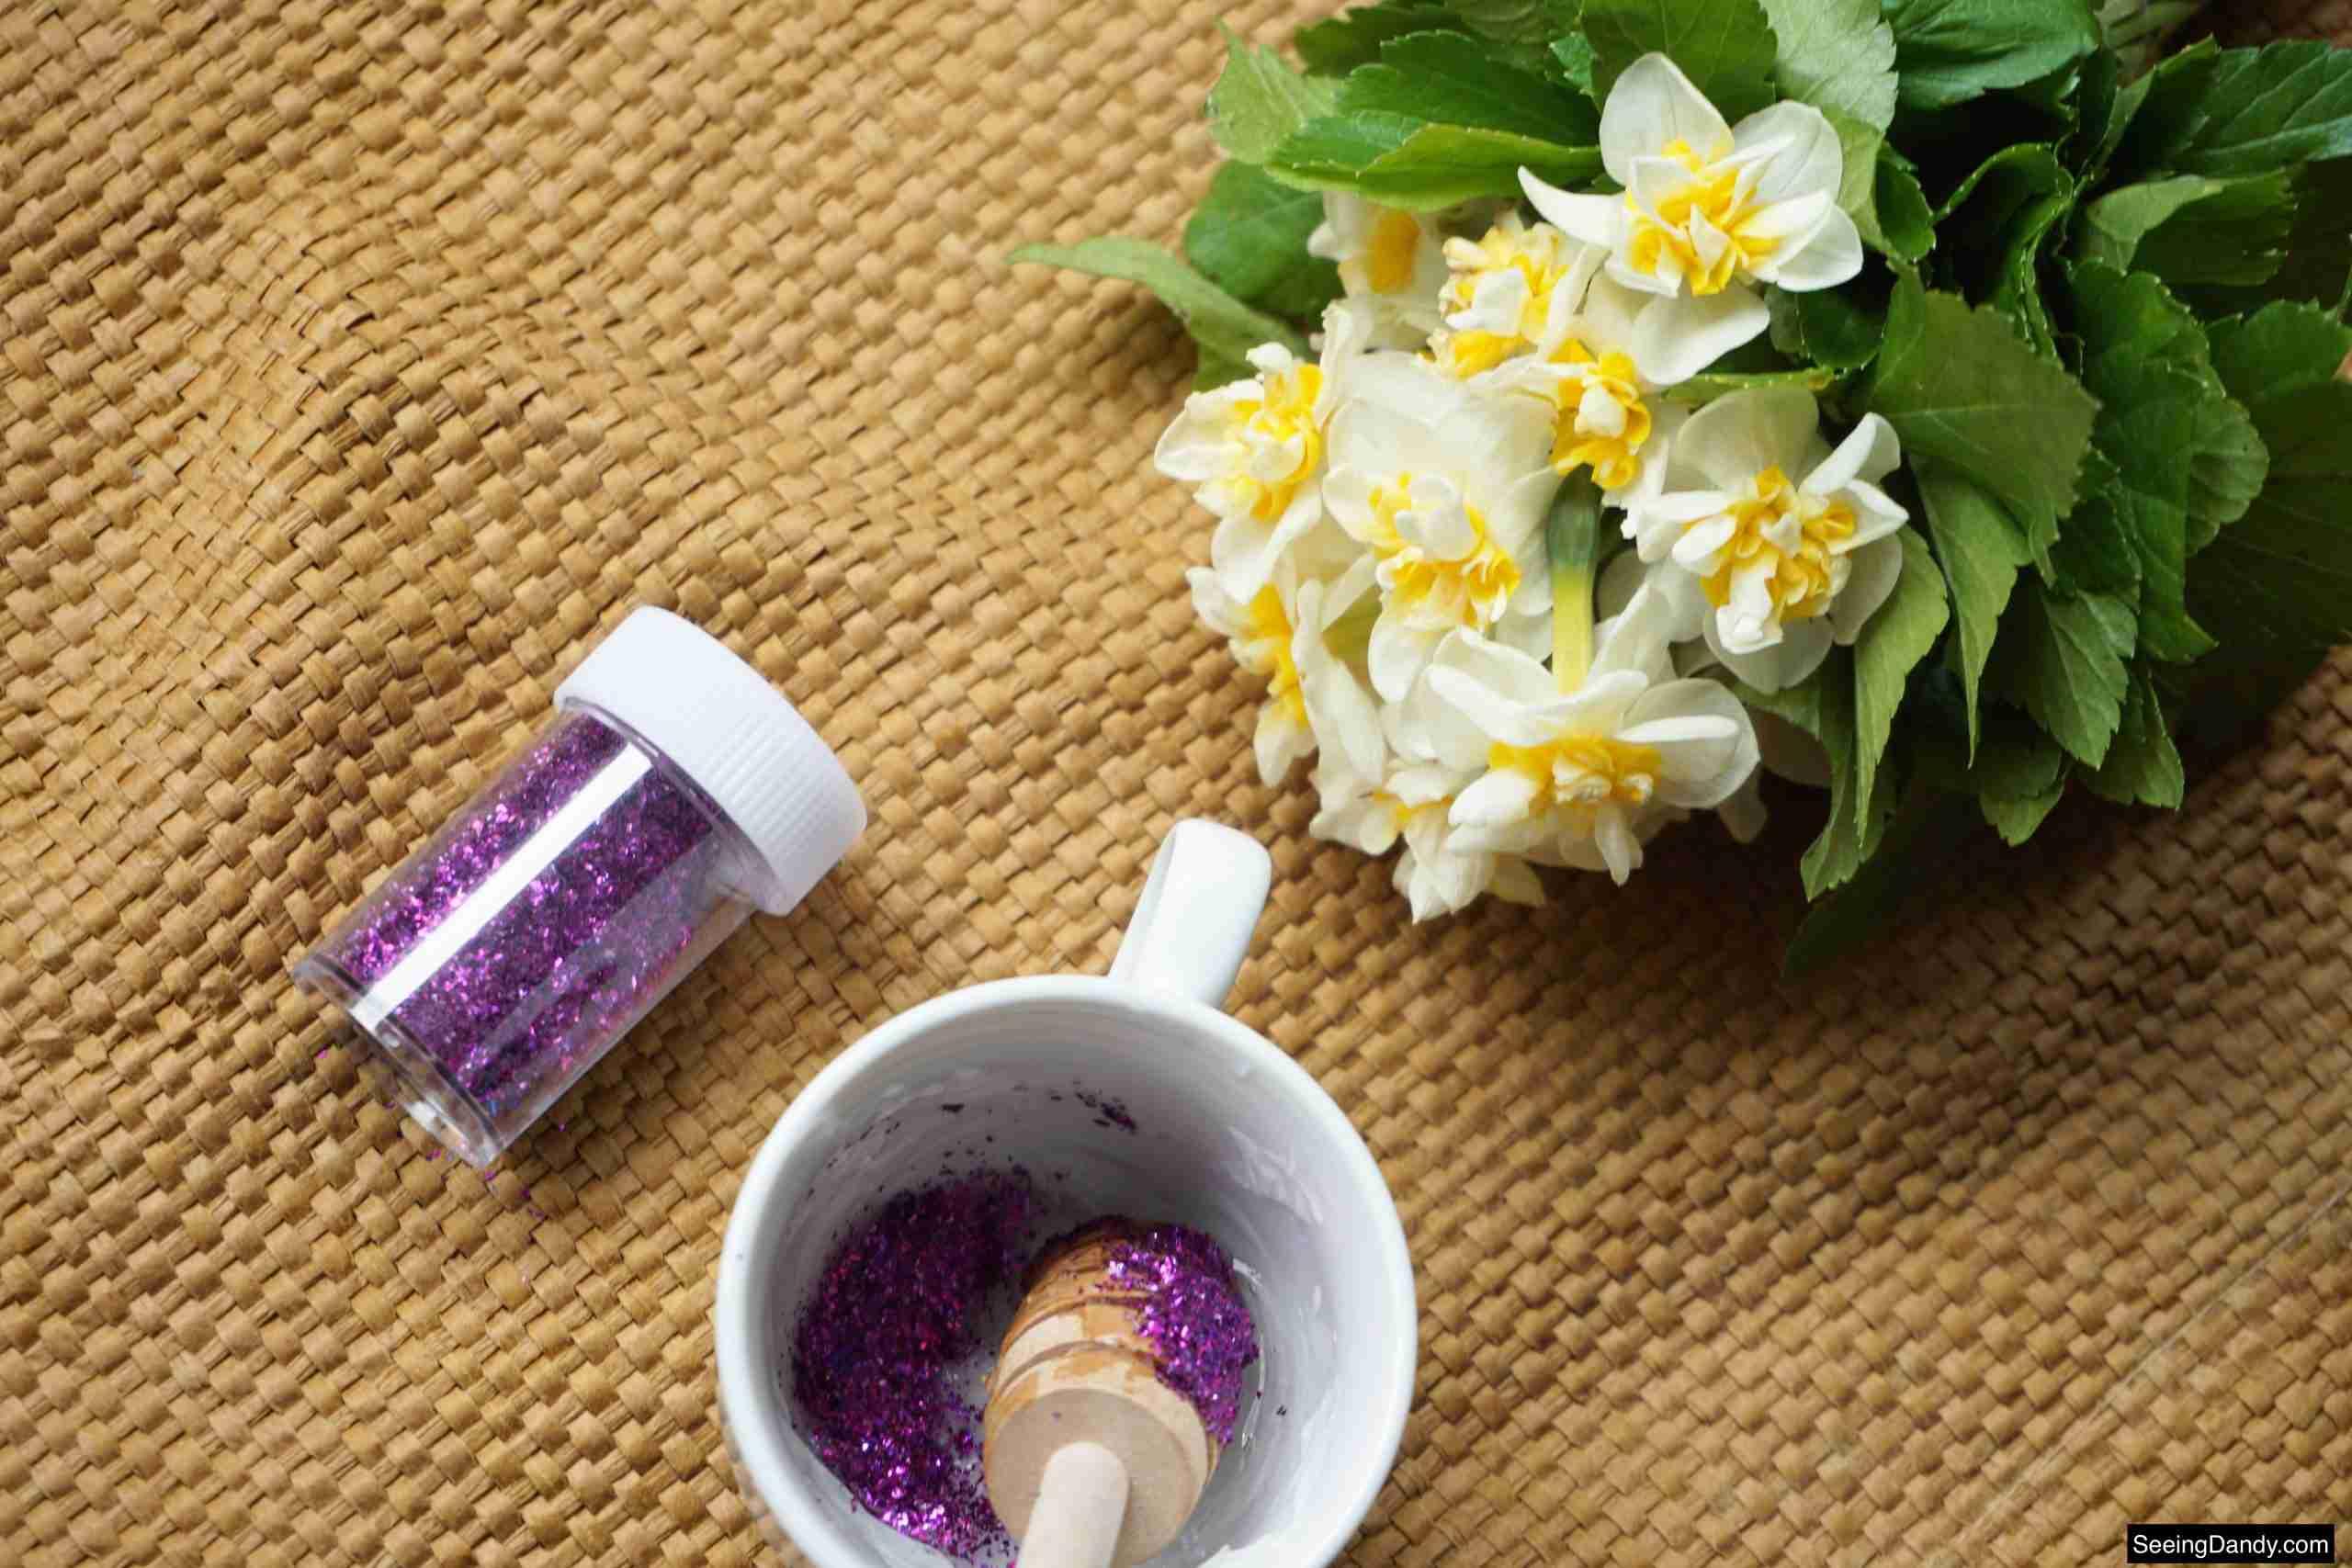 honey dipper stick, jute rug, white tea cup, purple glitter, body glitter recipe